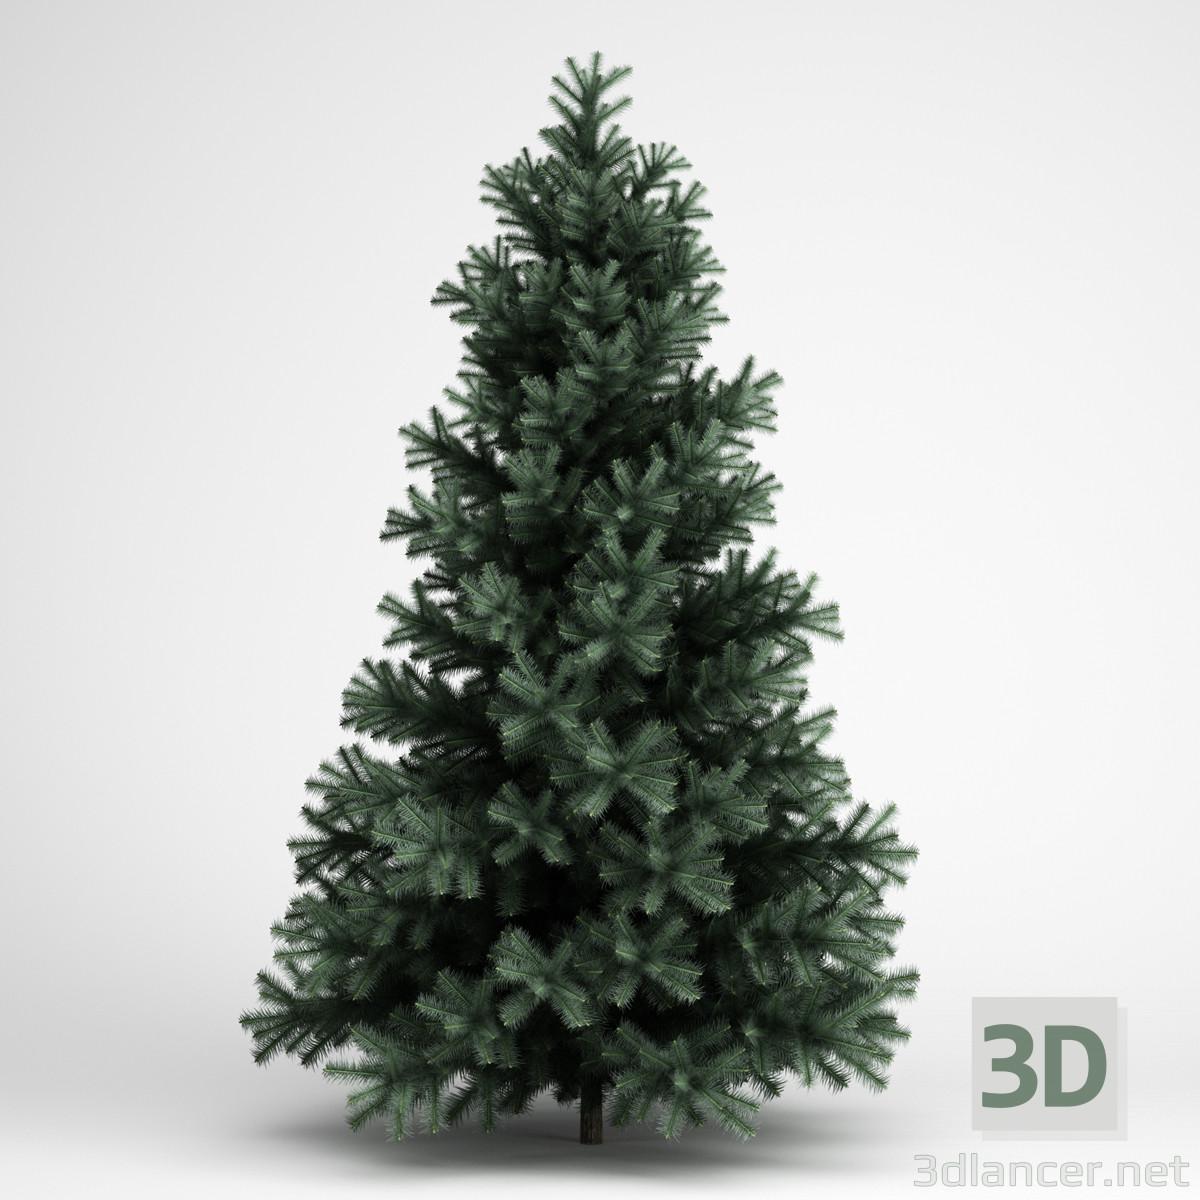 3D-Modellierung Fichte Modell kostenlos herunterladen